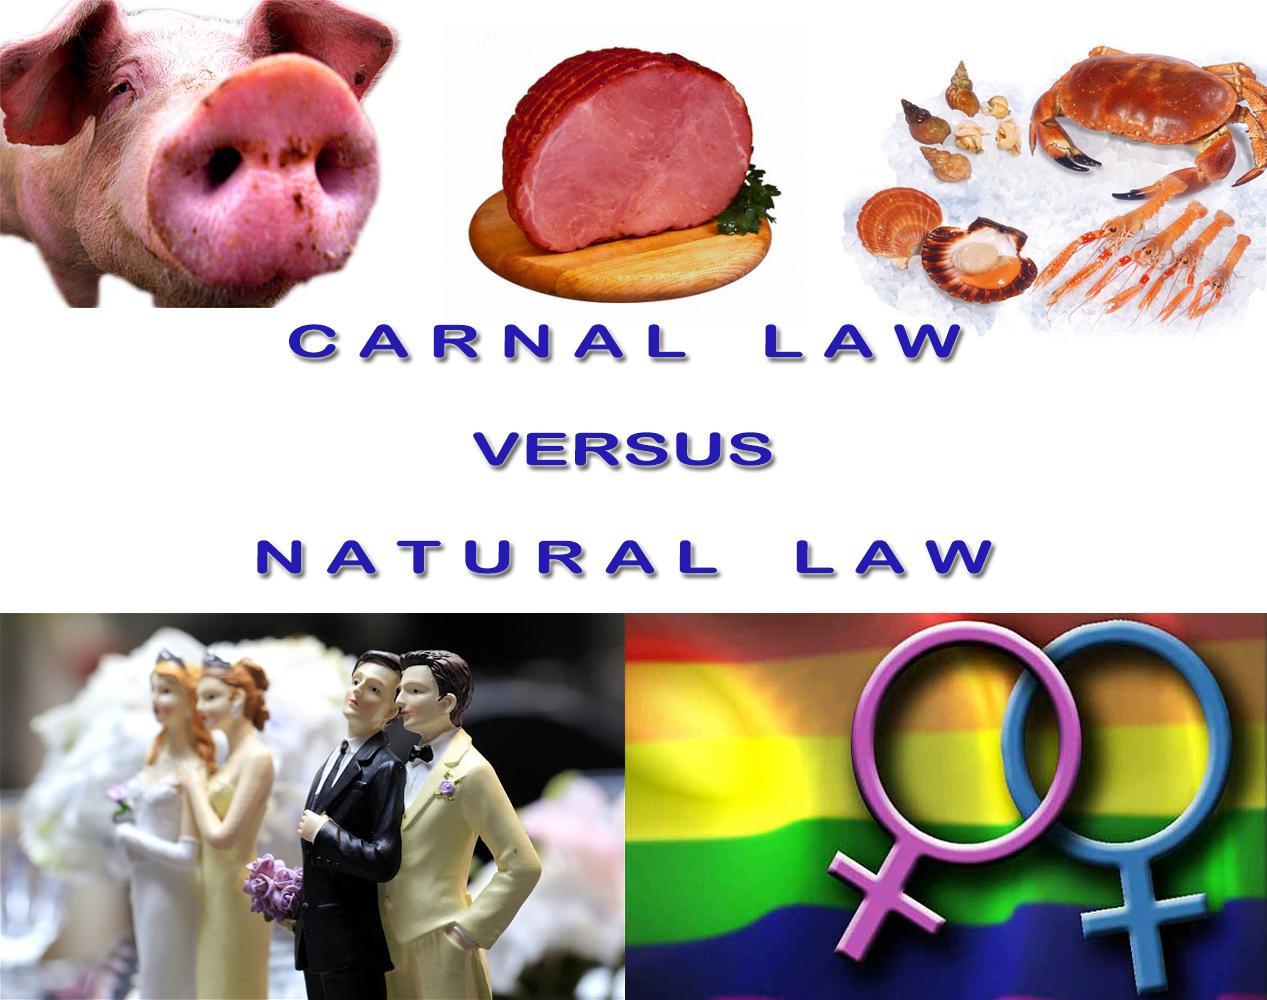 Carnal Ordinances versus Natural Law